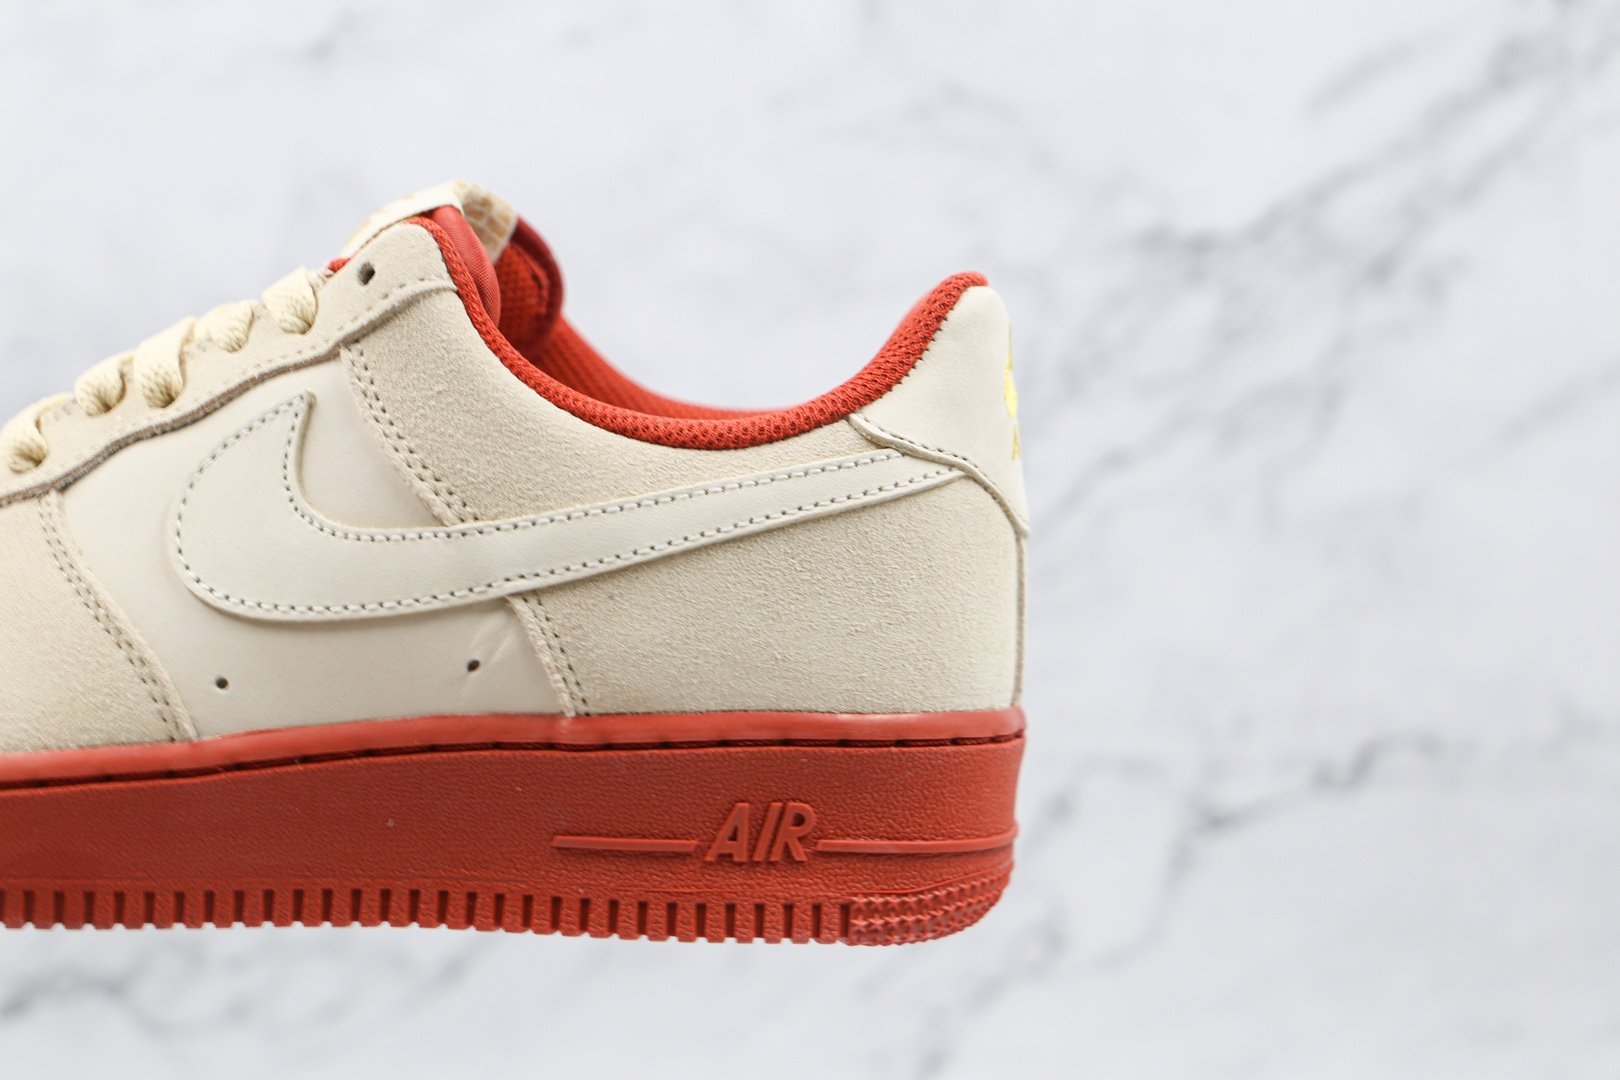 耐克Nike AIR FMRCE 1纯原版本低帮空军一号酒红米白色板鞋内置气垫原盒原标 货号:AA1391-111